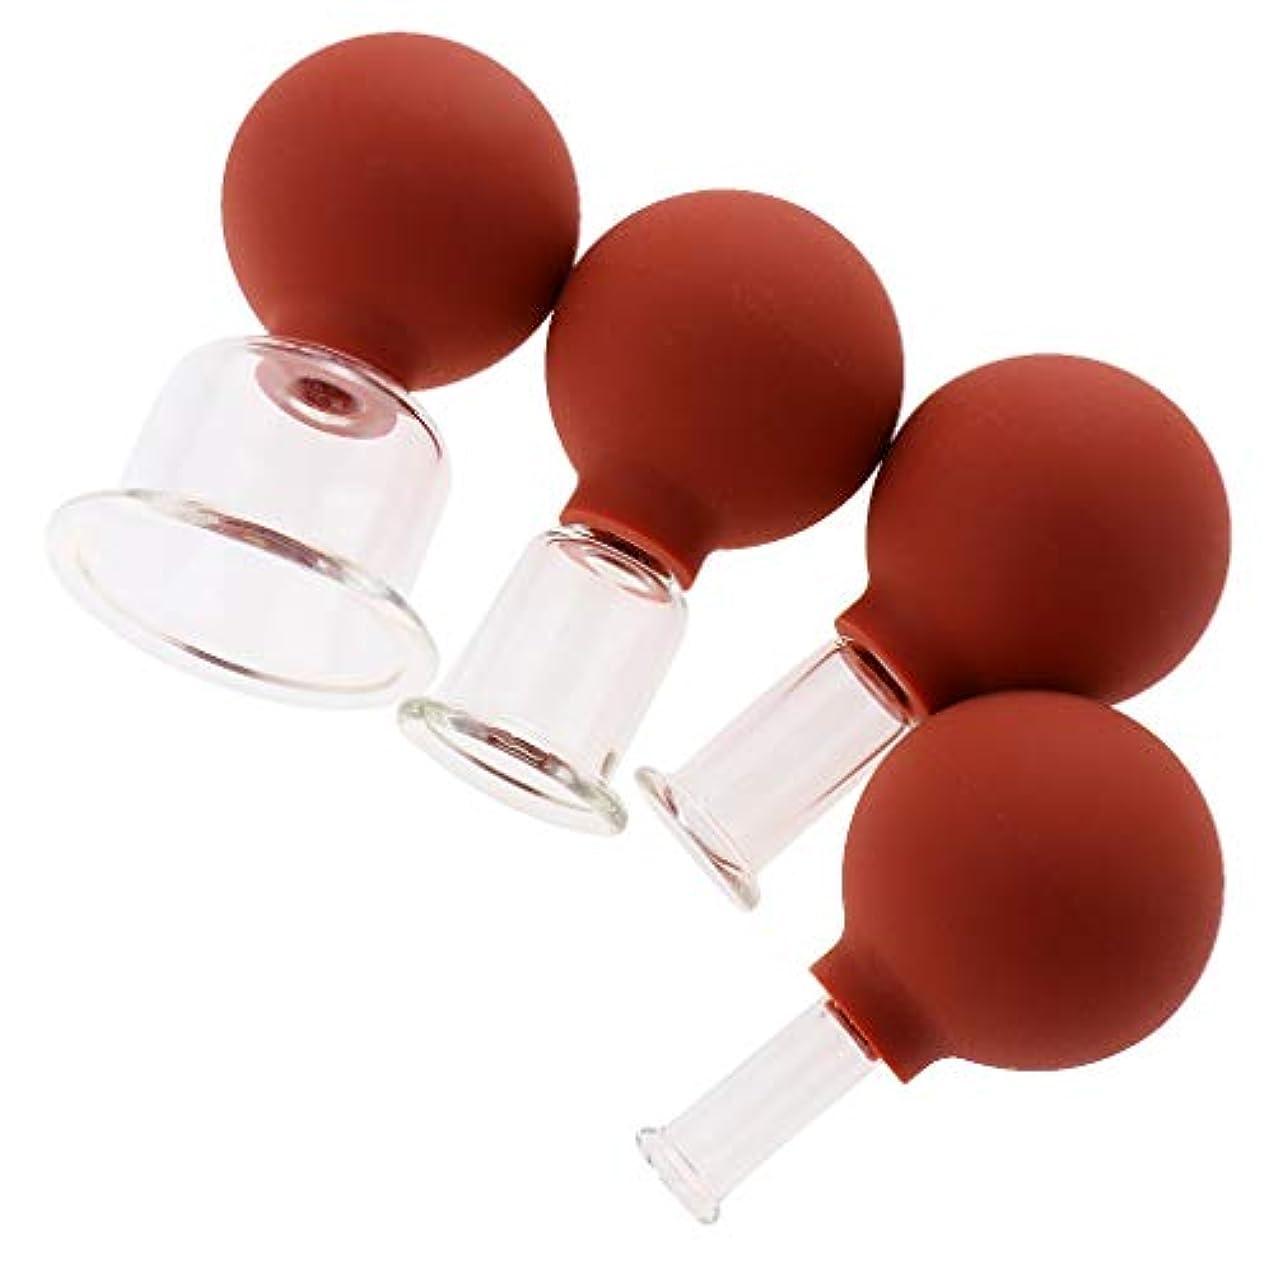 CUTICATE 全3色 マッサージカップ ガラスカッピング 吸い玉 マッサージ カッピングセット 4個入 - 赤茶色